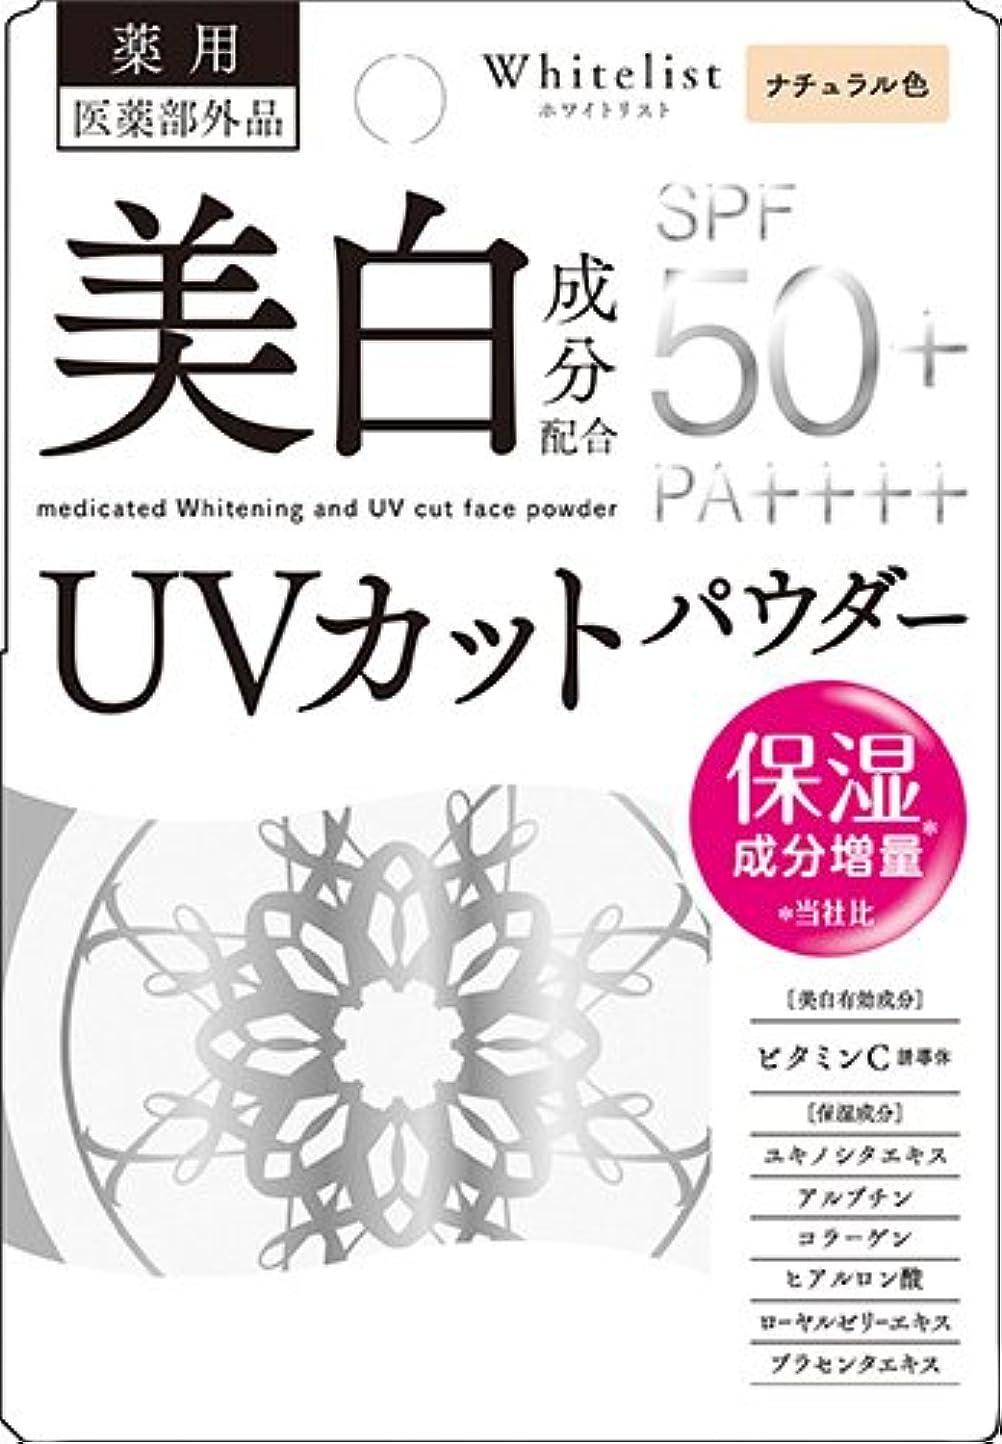 超えるモーテルレディNUPホワイトリスト 薬用ホワイトニングUVカットパウダーEX (SPF50+ PA++++) 9g